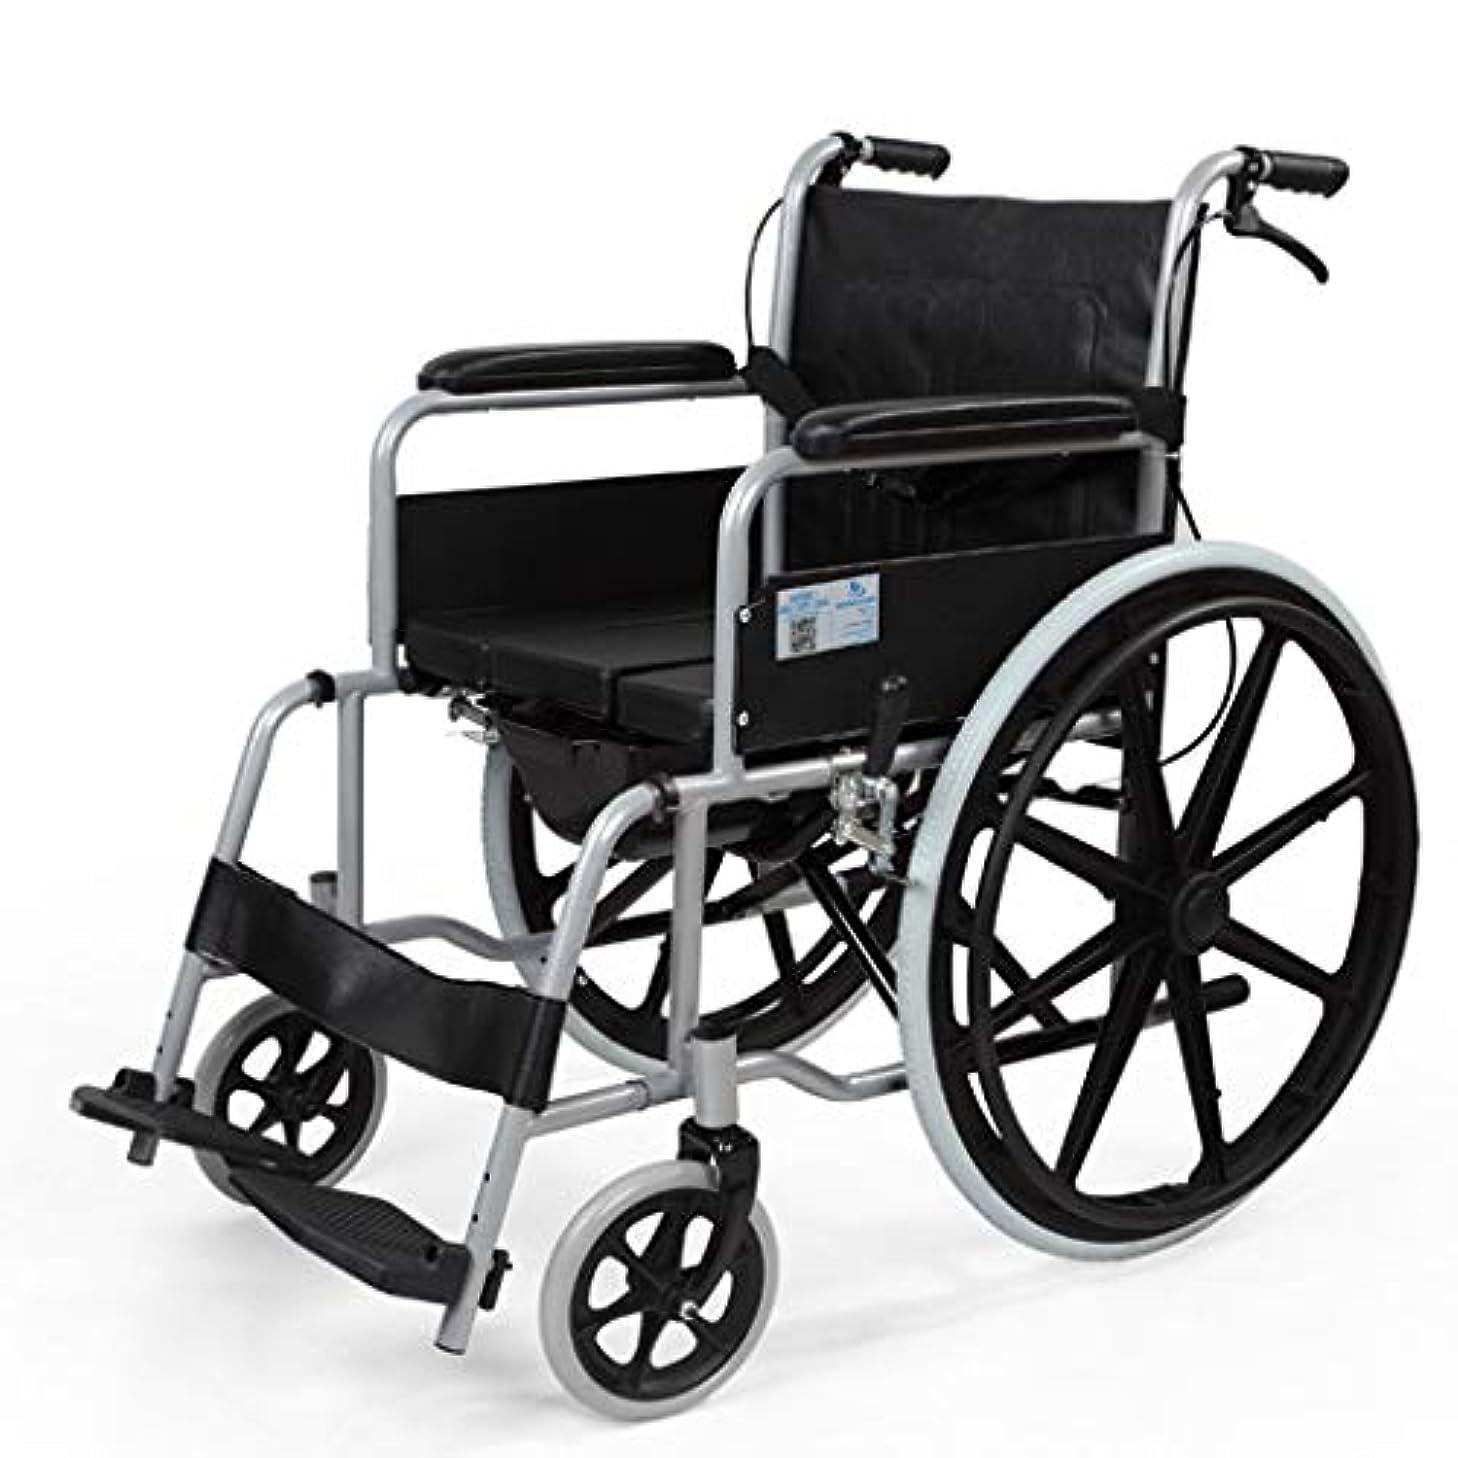 イブ影響力のある拒絶高齢者用車椅子、4つのブレーキ、軽量アルミニウム折りたたみ式自走式車椅子